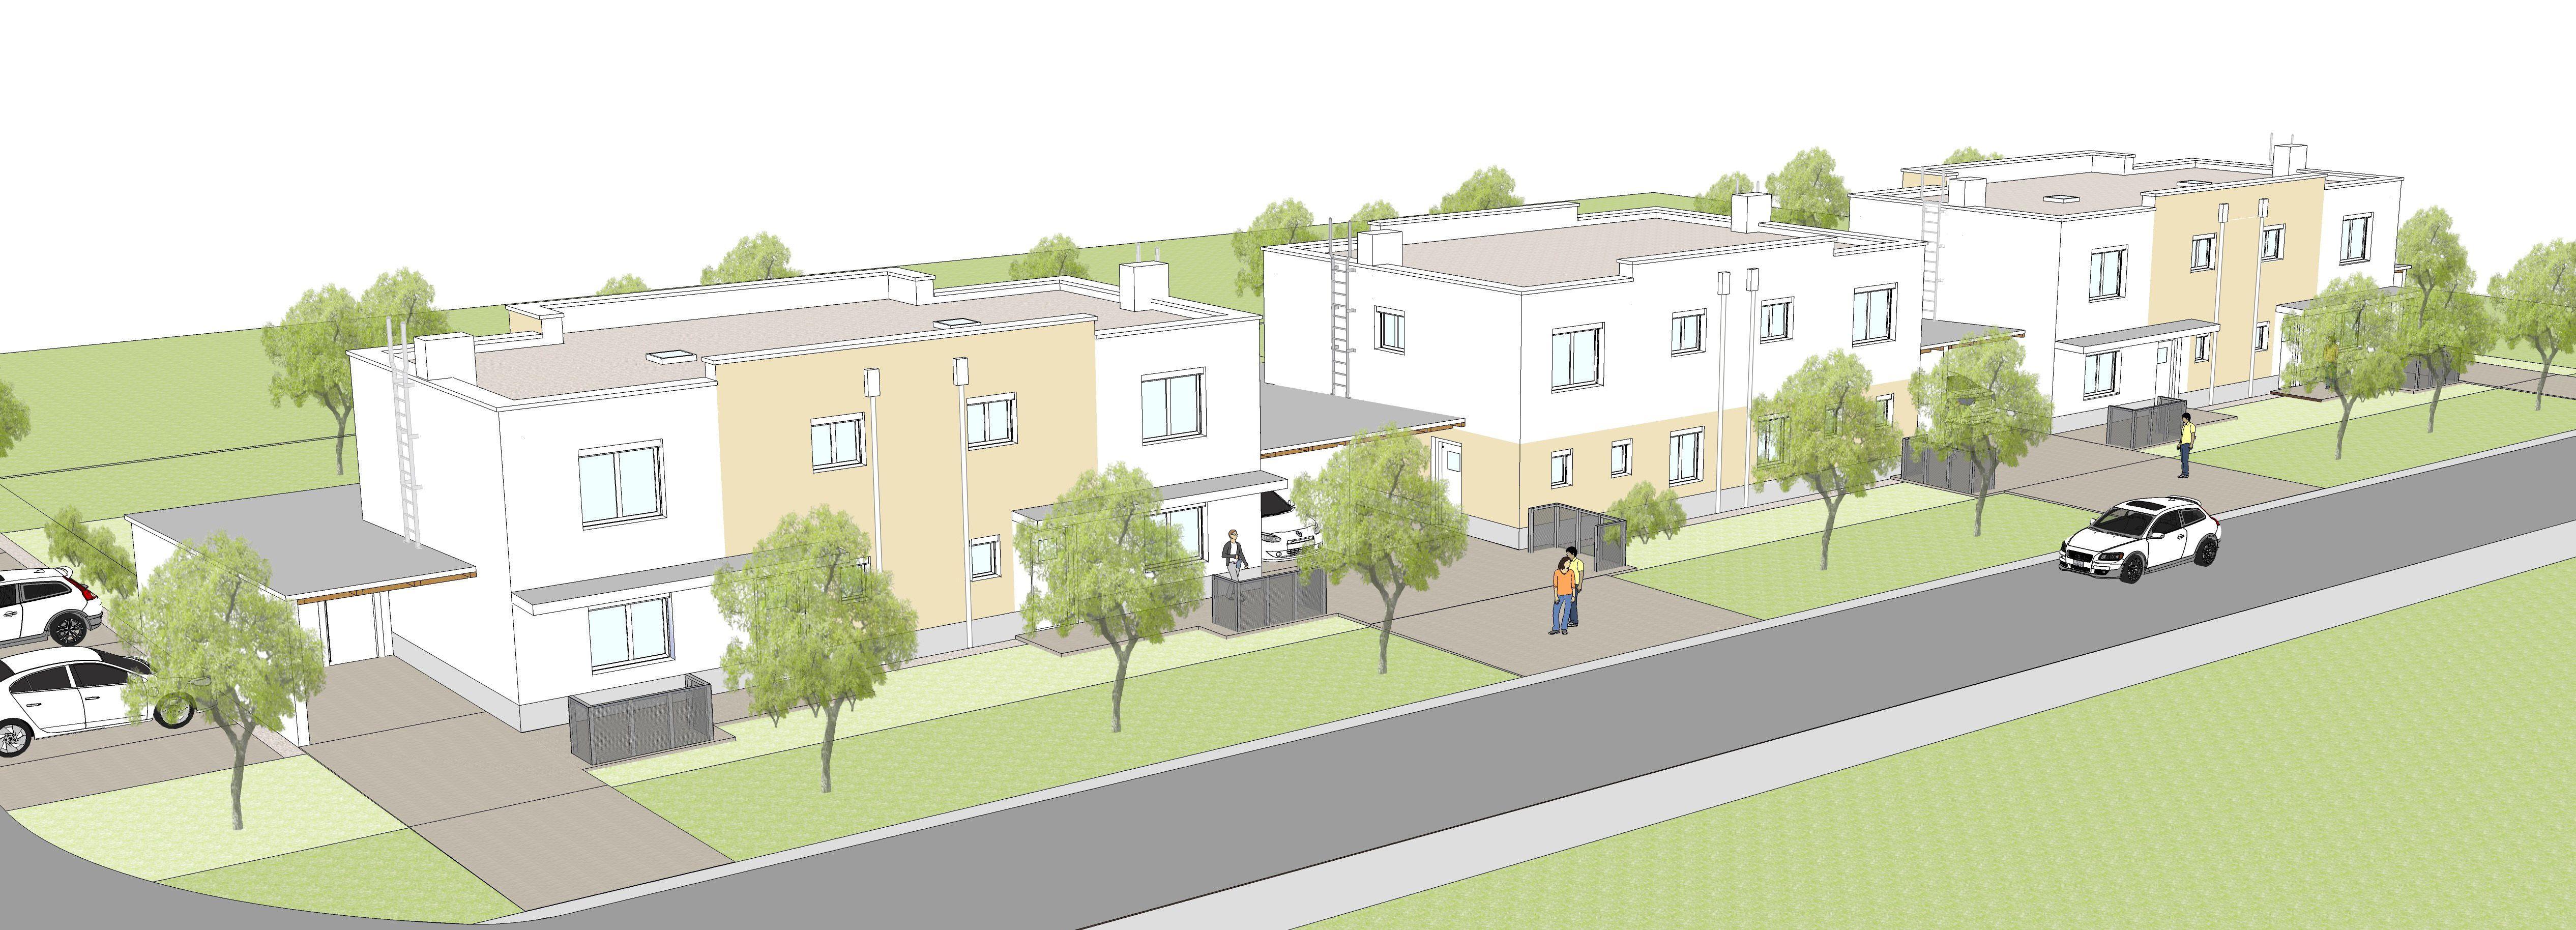 Reihenhaus In Neusiedl Weidengasse Rh 3 Reihenhaus Weiden Haus